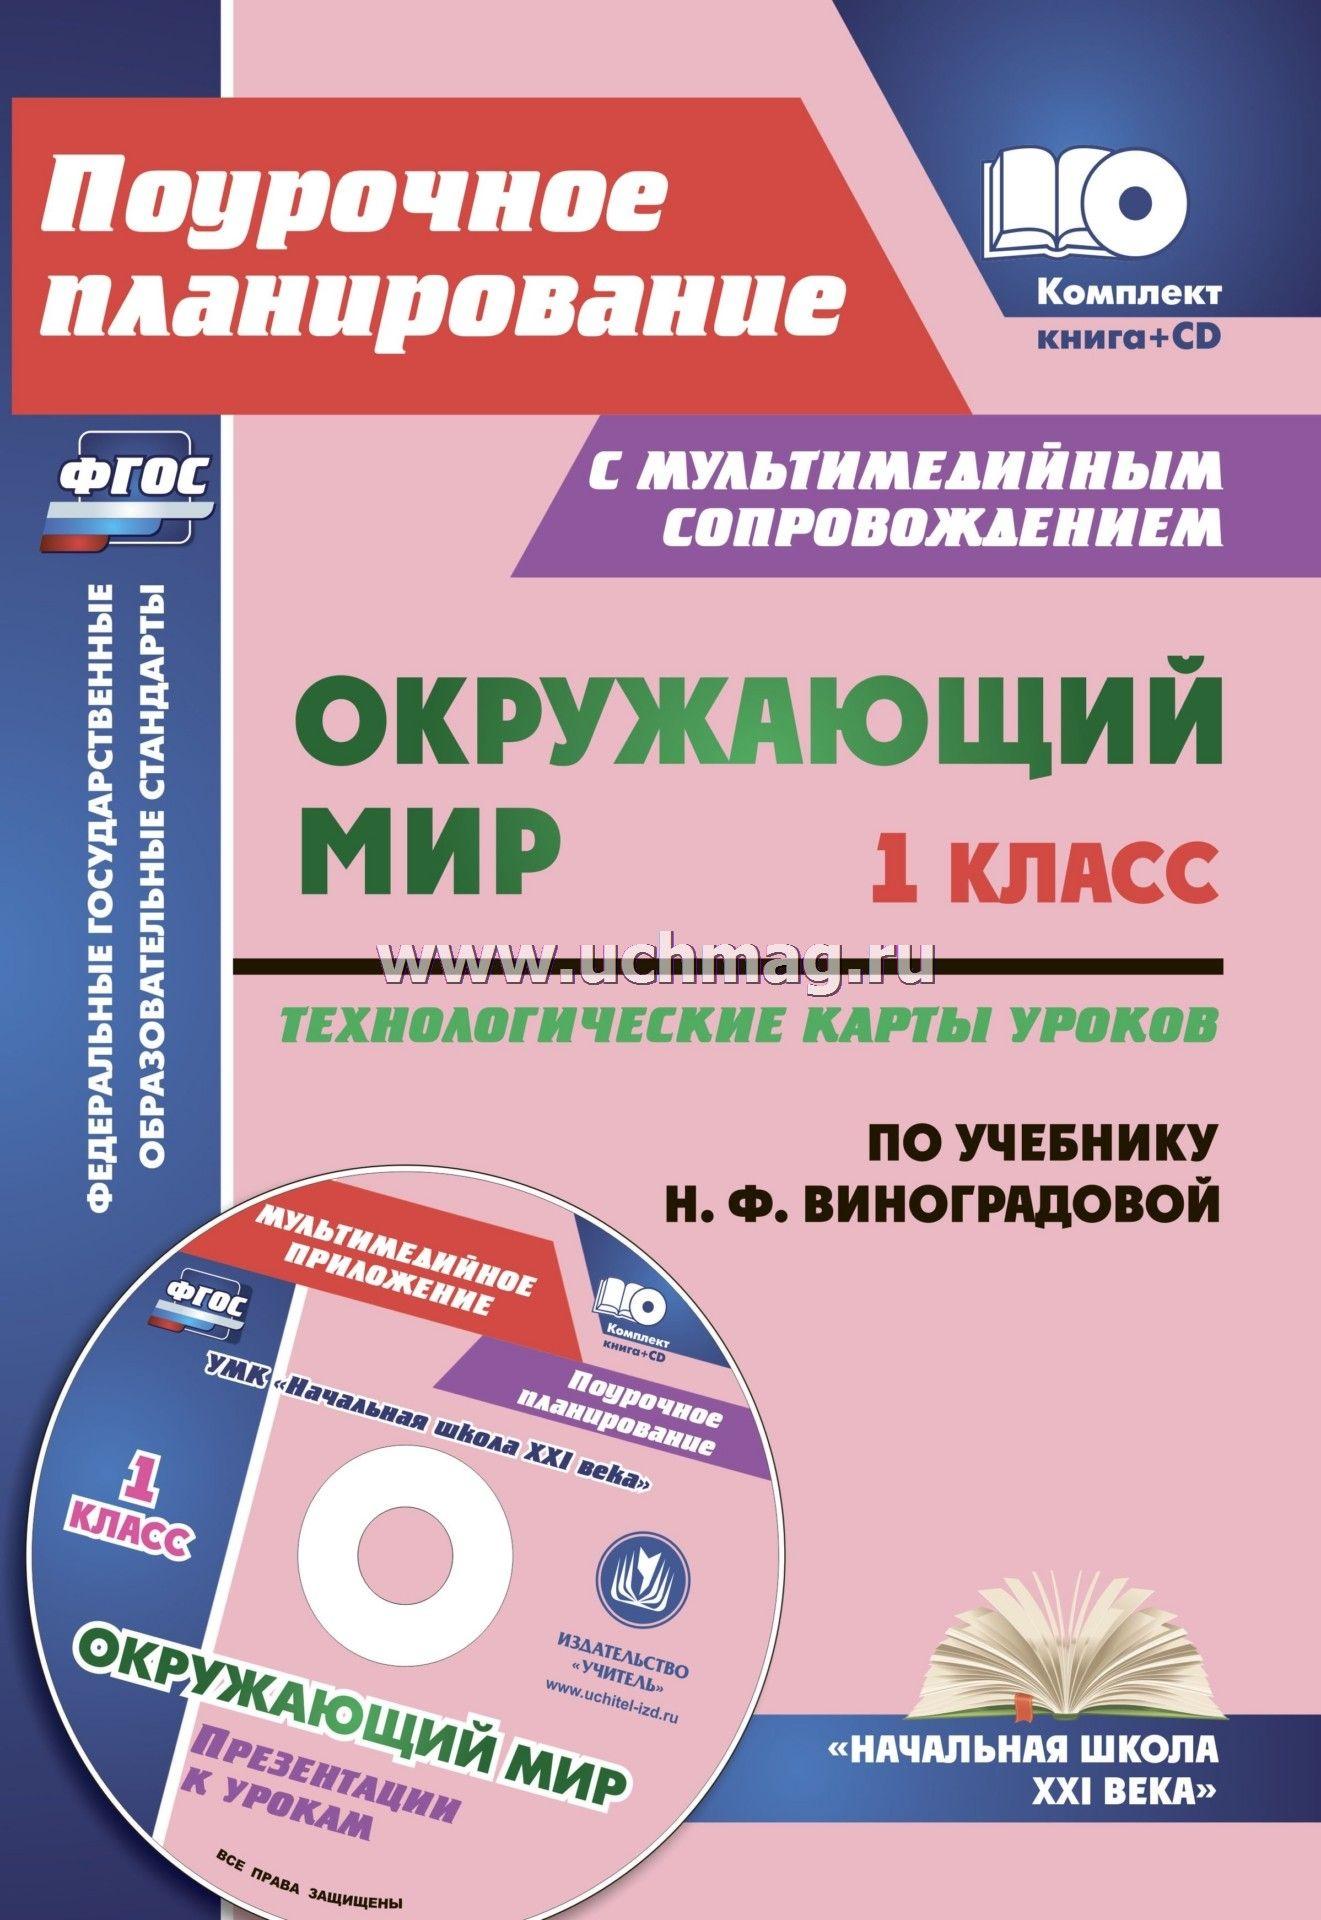 kto-takie-nasekomie-prezentatsiya-okruzhayushiy-mir-1-klass